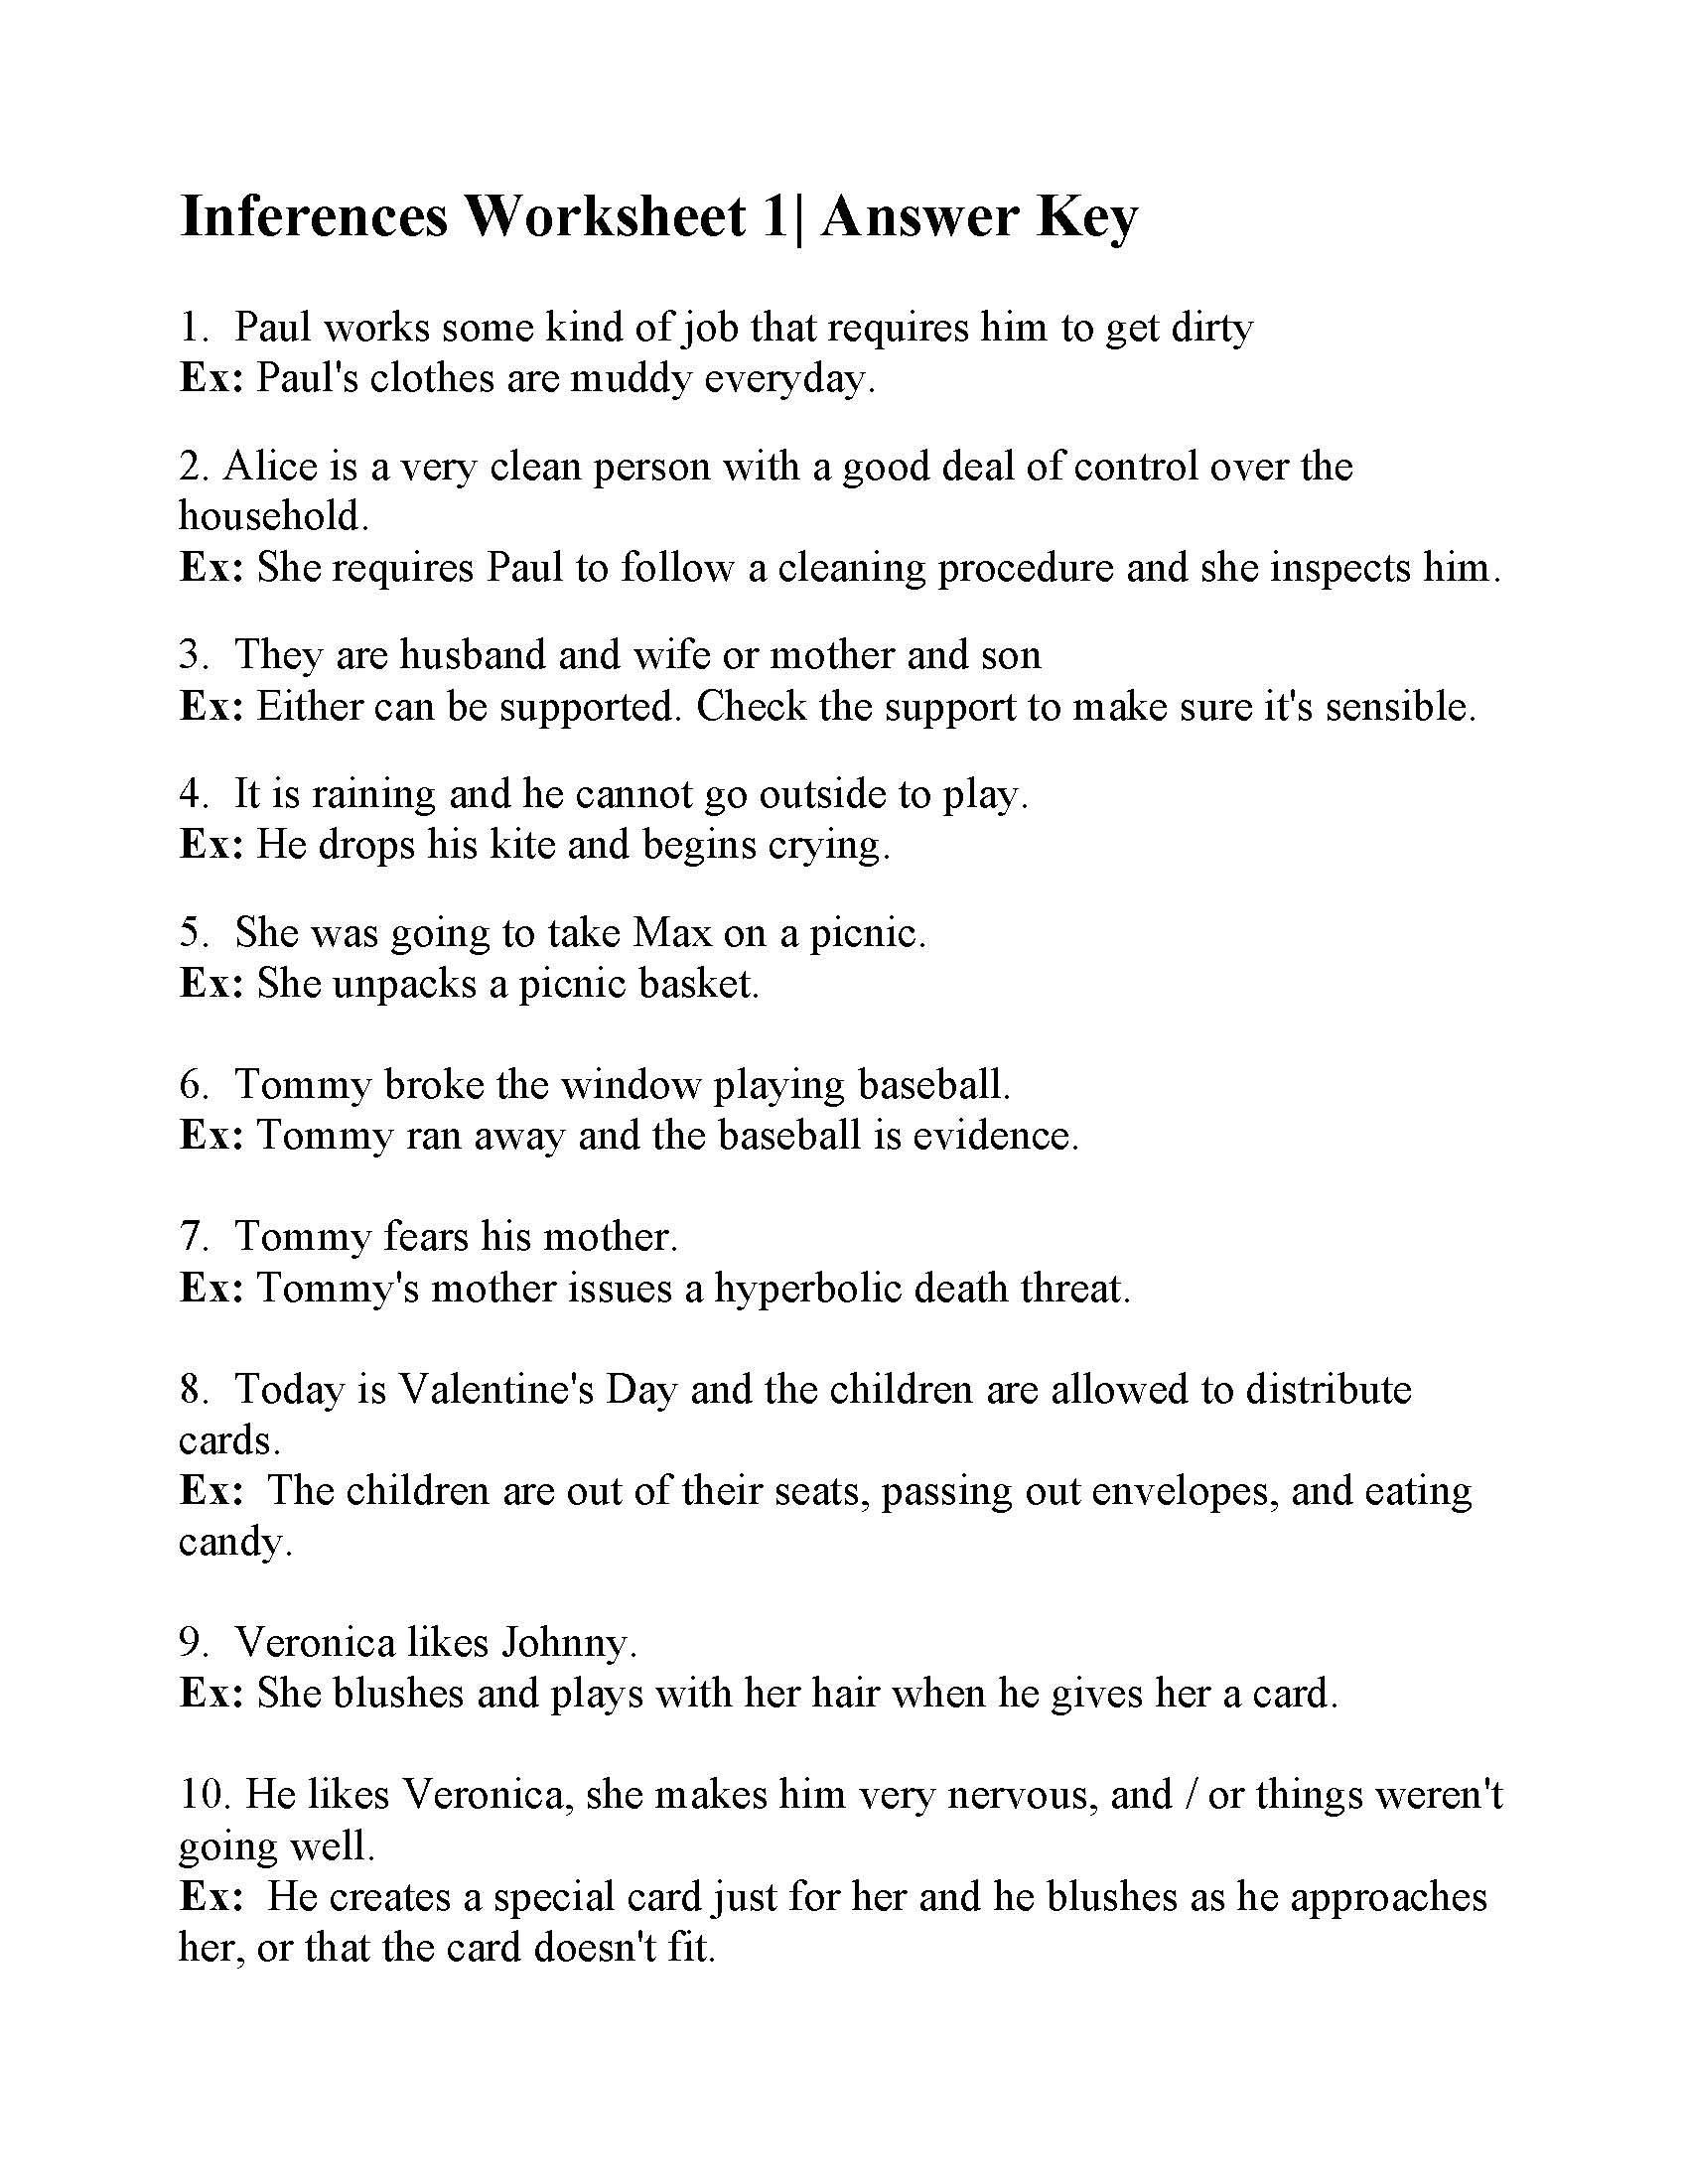 Inferencing Worksheets Grade 4 Inferences Worksheet 1